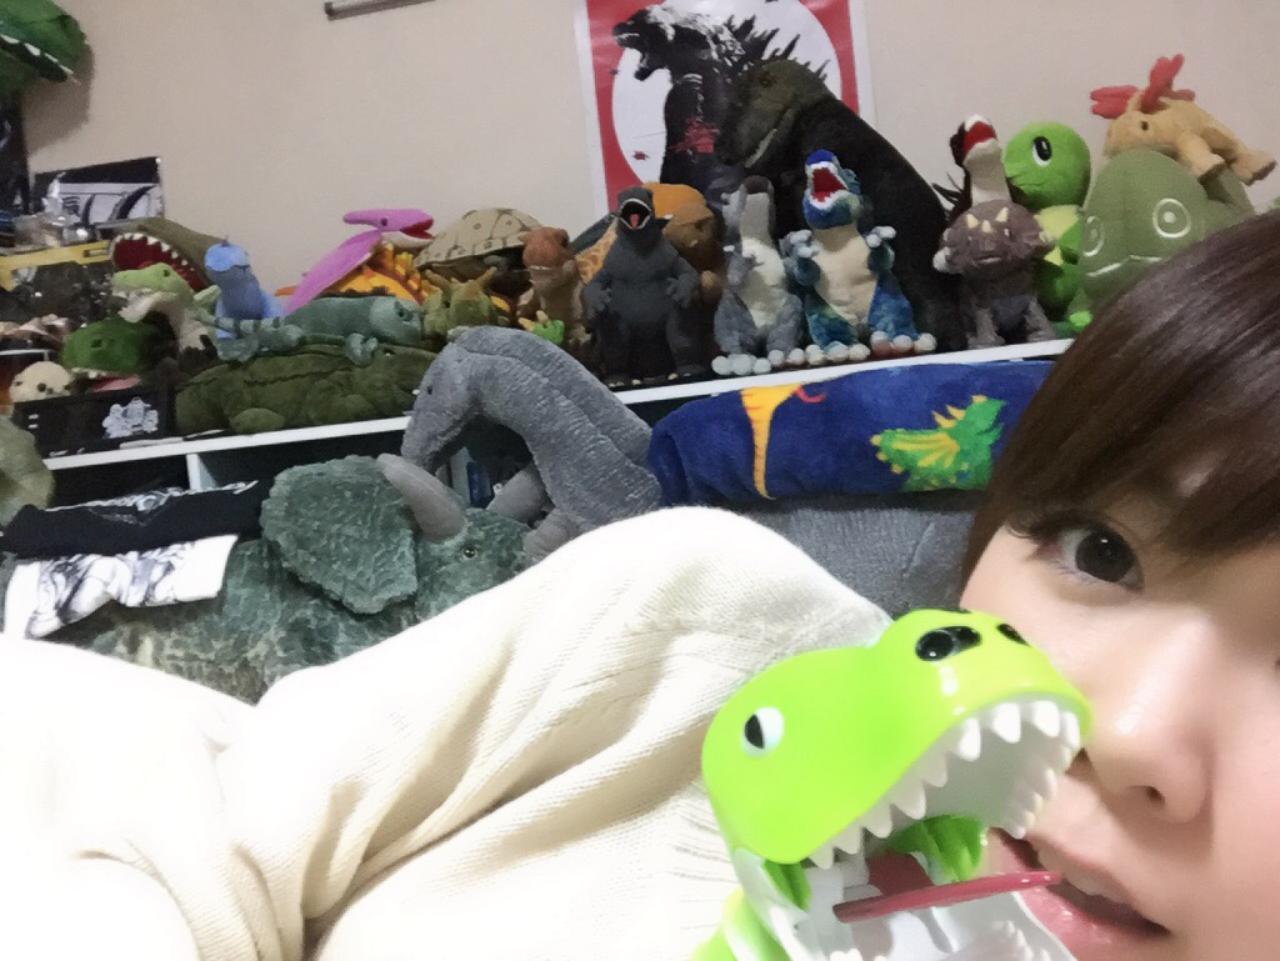 画像: 5/5はこどもの日という事で生田家の恐竜・怪獣たちの誕生日を祝い、 「新恐竜の日」を作りました。生田晴香です。